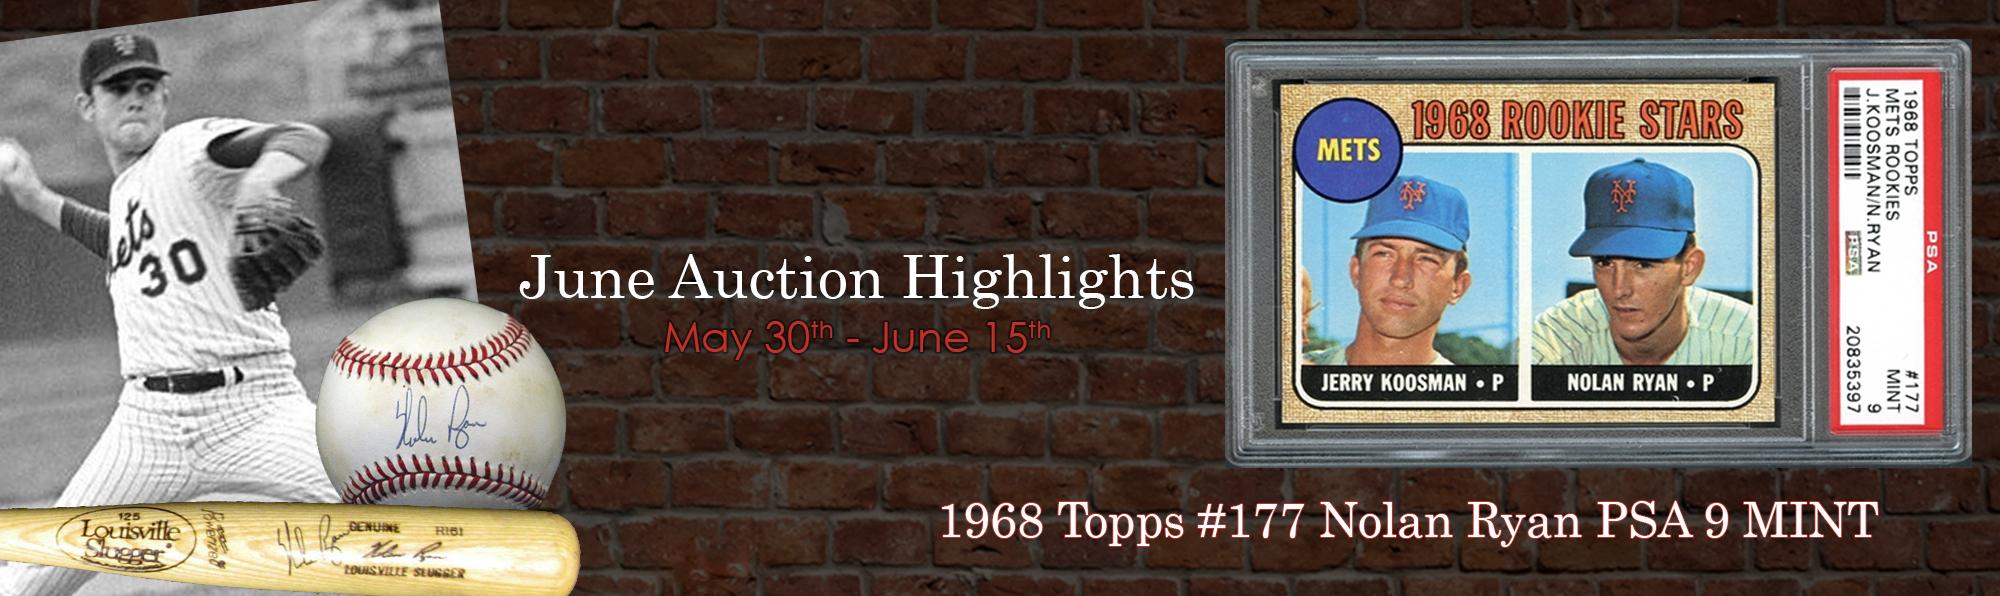 1968 Topps #177 Nolan Ryan PSA 9 MINT